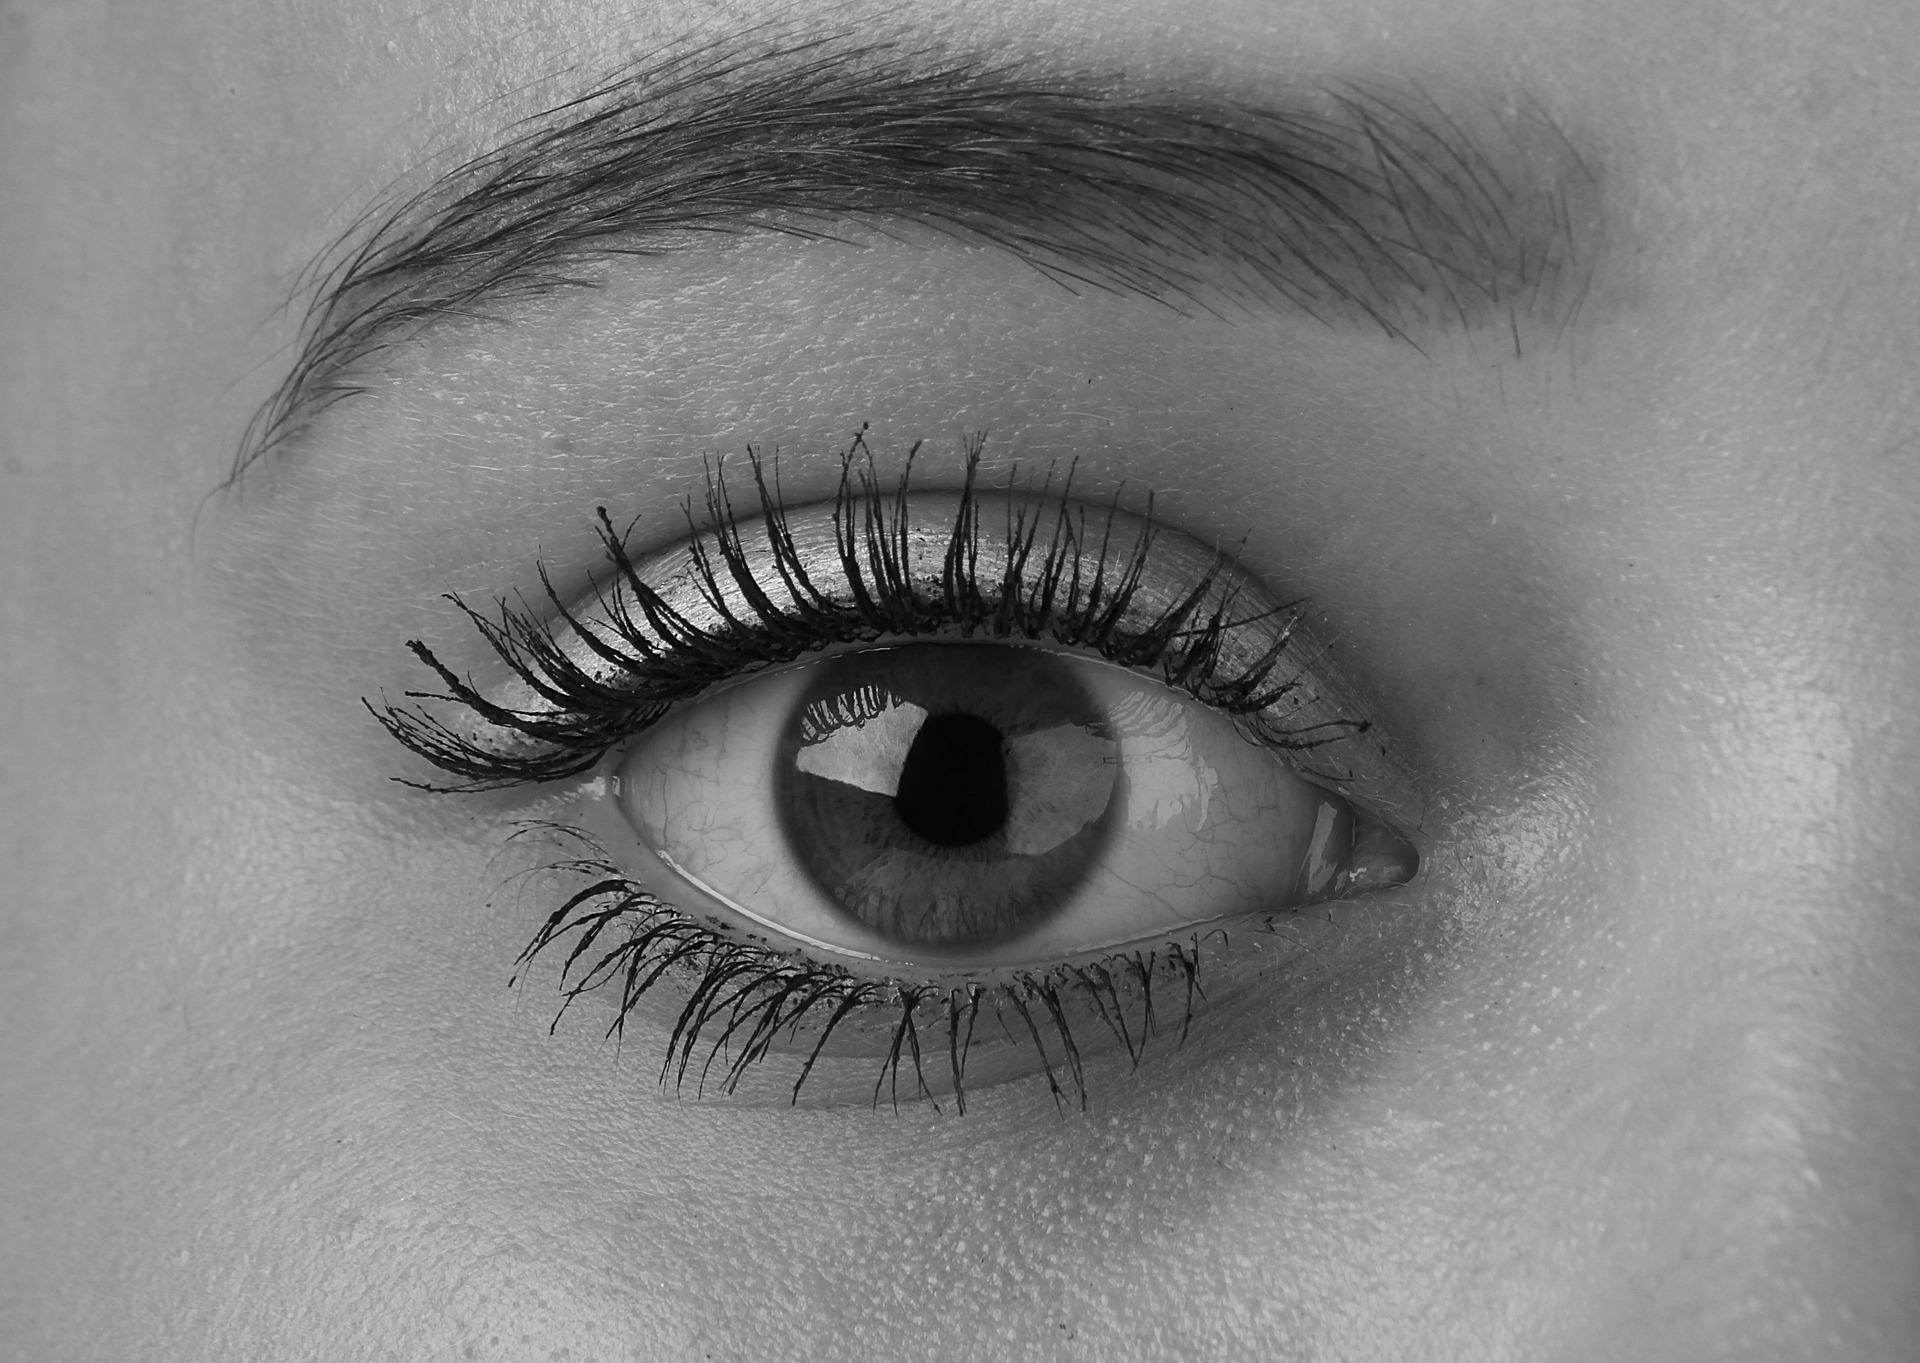 eyes-945248_1920.jpg